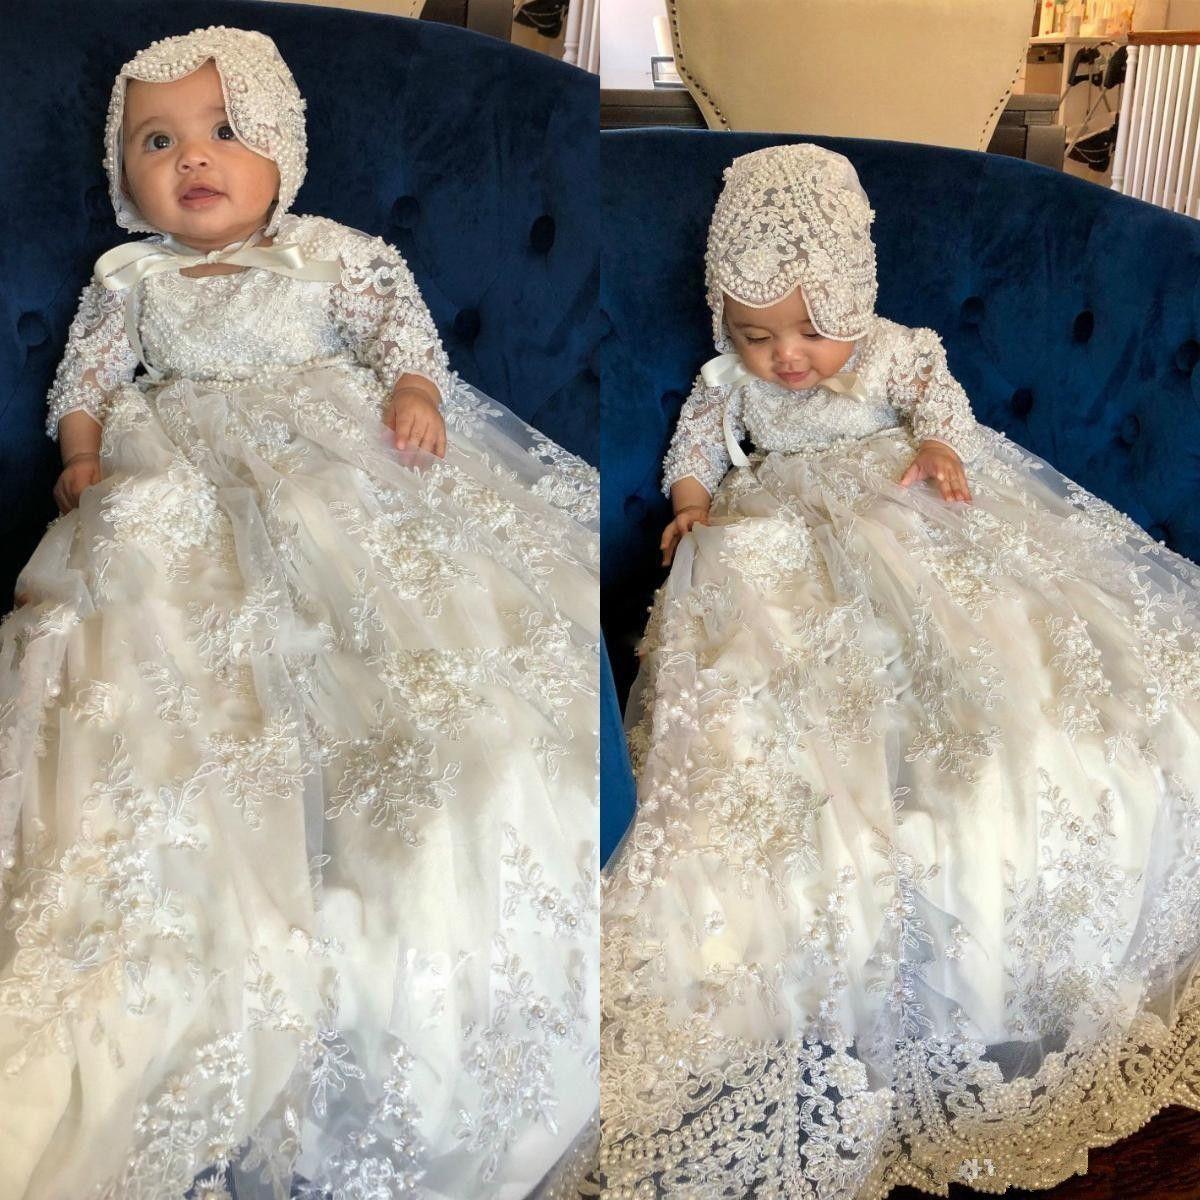 Belle fleur robes fille manches longues pour les filles Robes de baptême de bébé Dentelle Appliqued Perles Baptême Robes de fête robes première communion